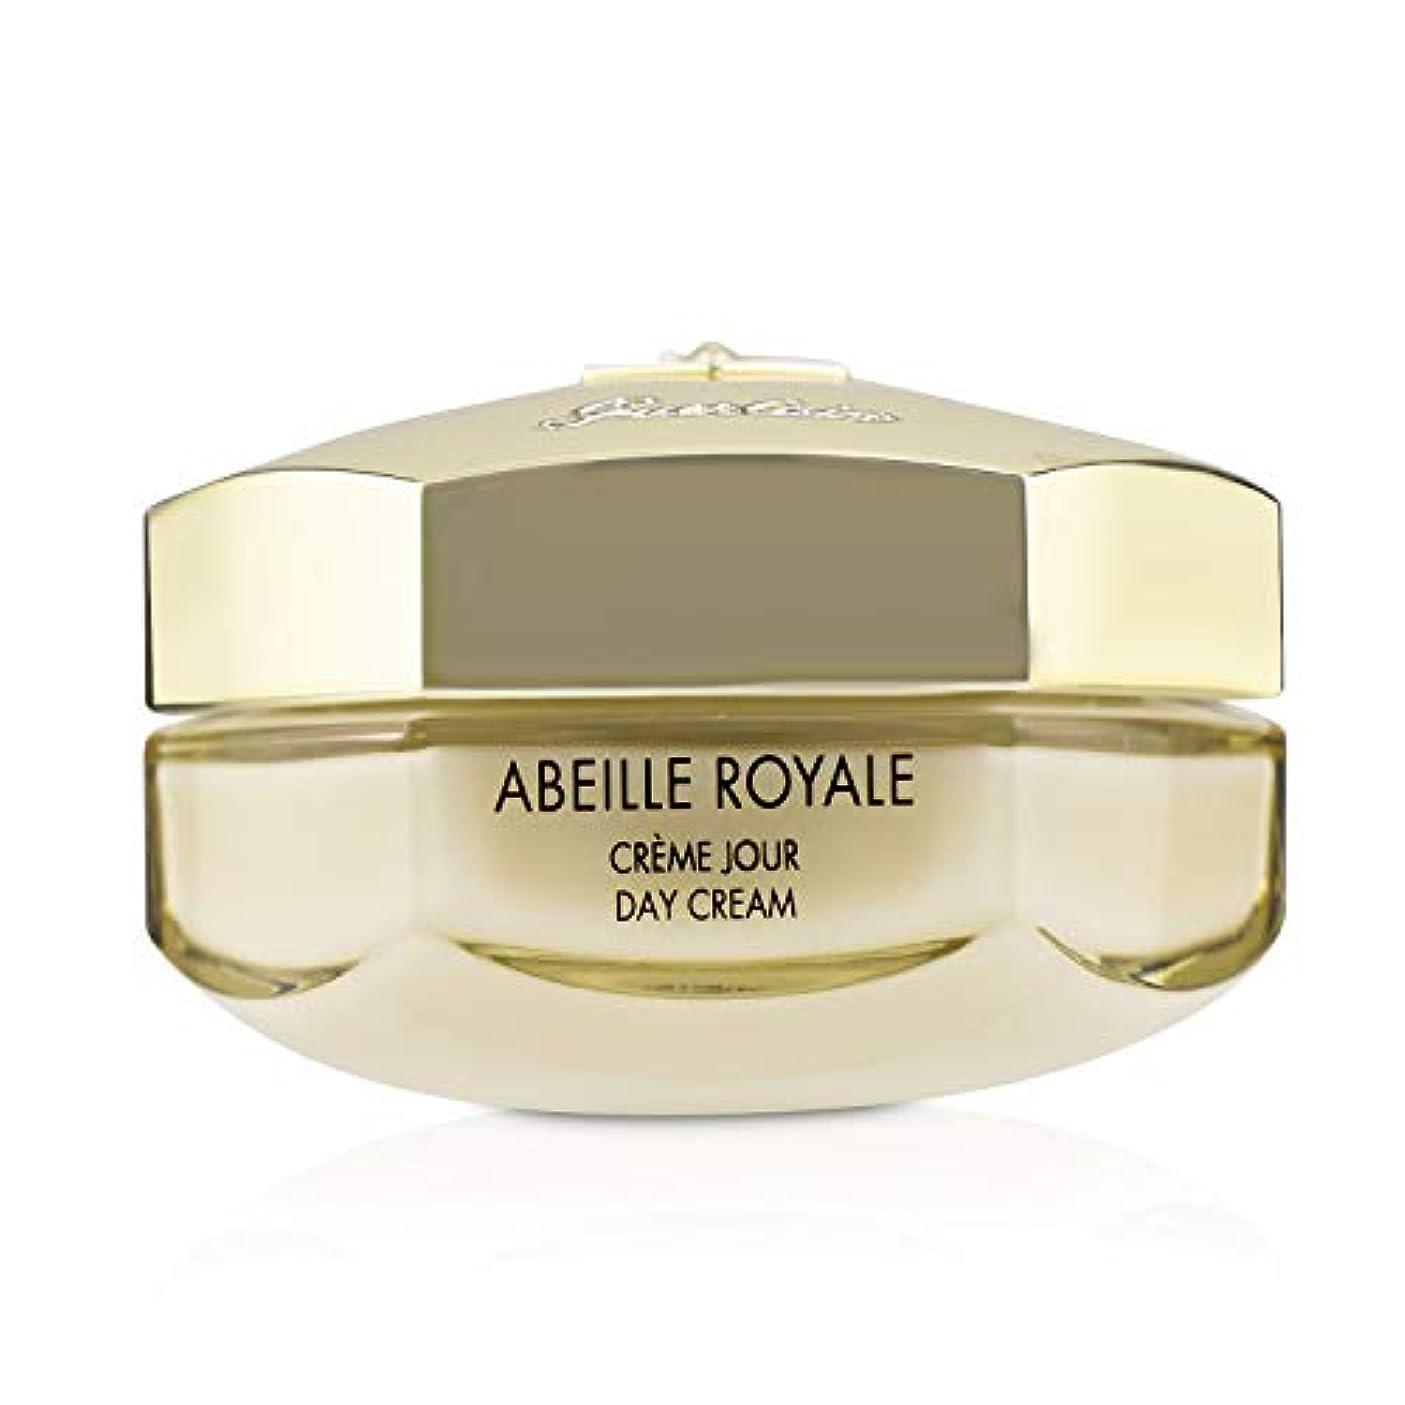 達成する怒り作物ゲラン Abeille Royale Day Cream - Firms, Smoothes & Illuminates 50ml/1.6oz並行輸入品